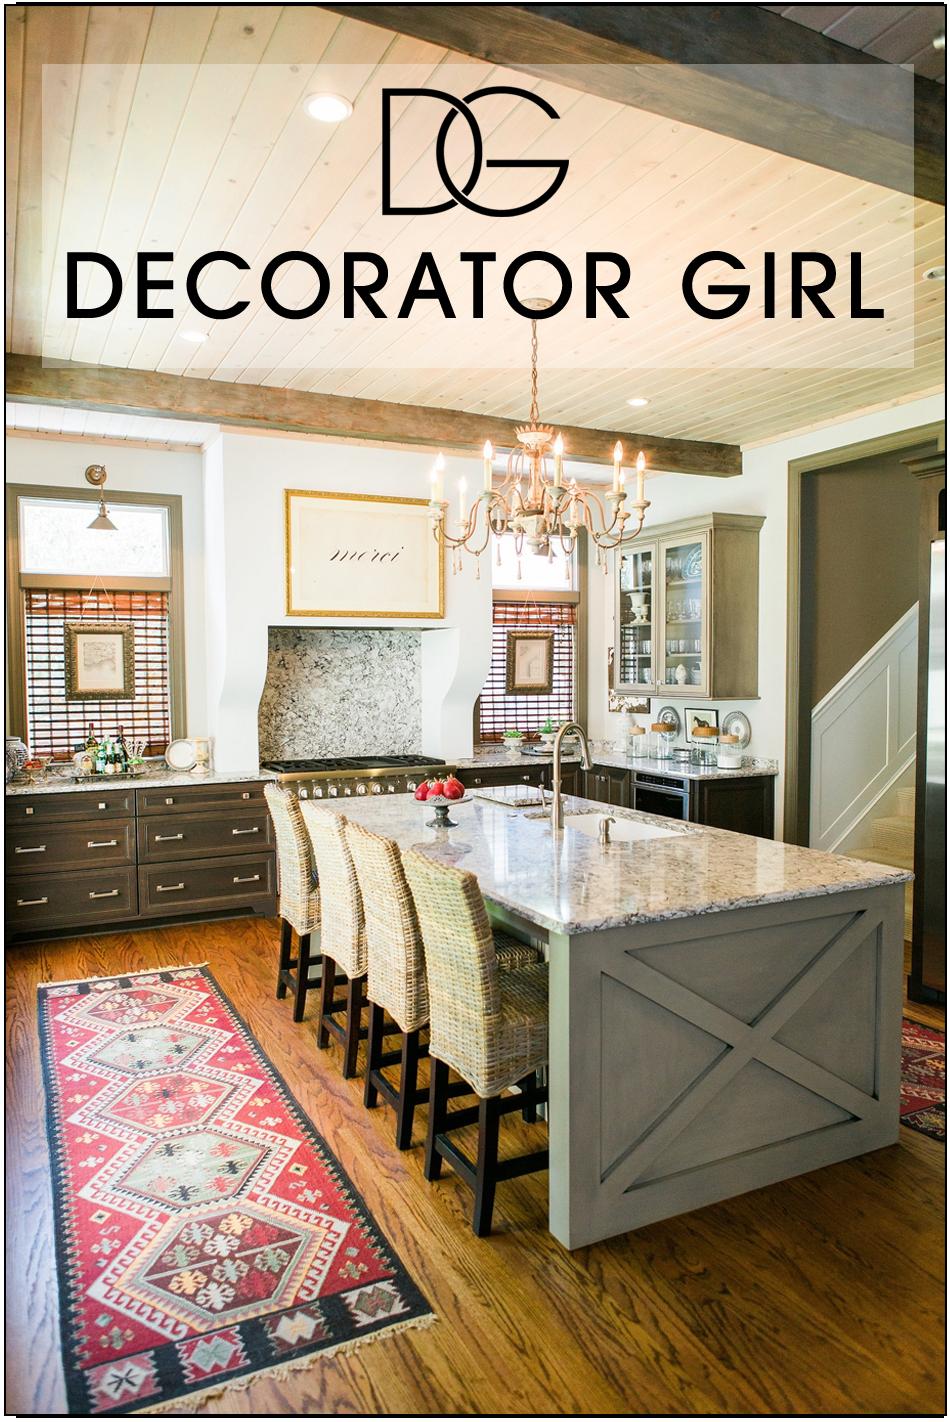 Decorator Girl